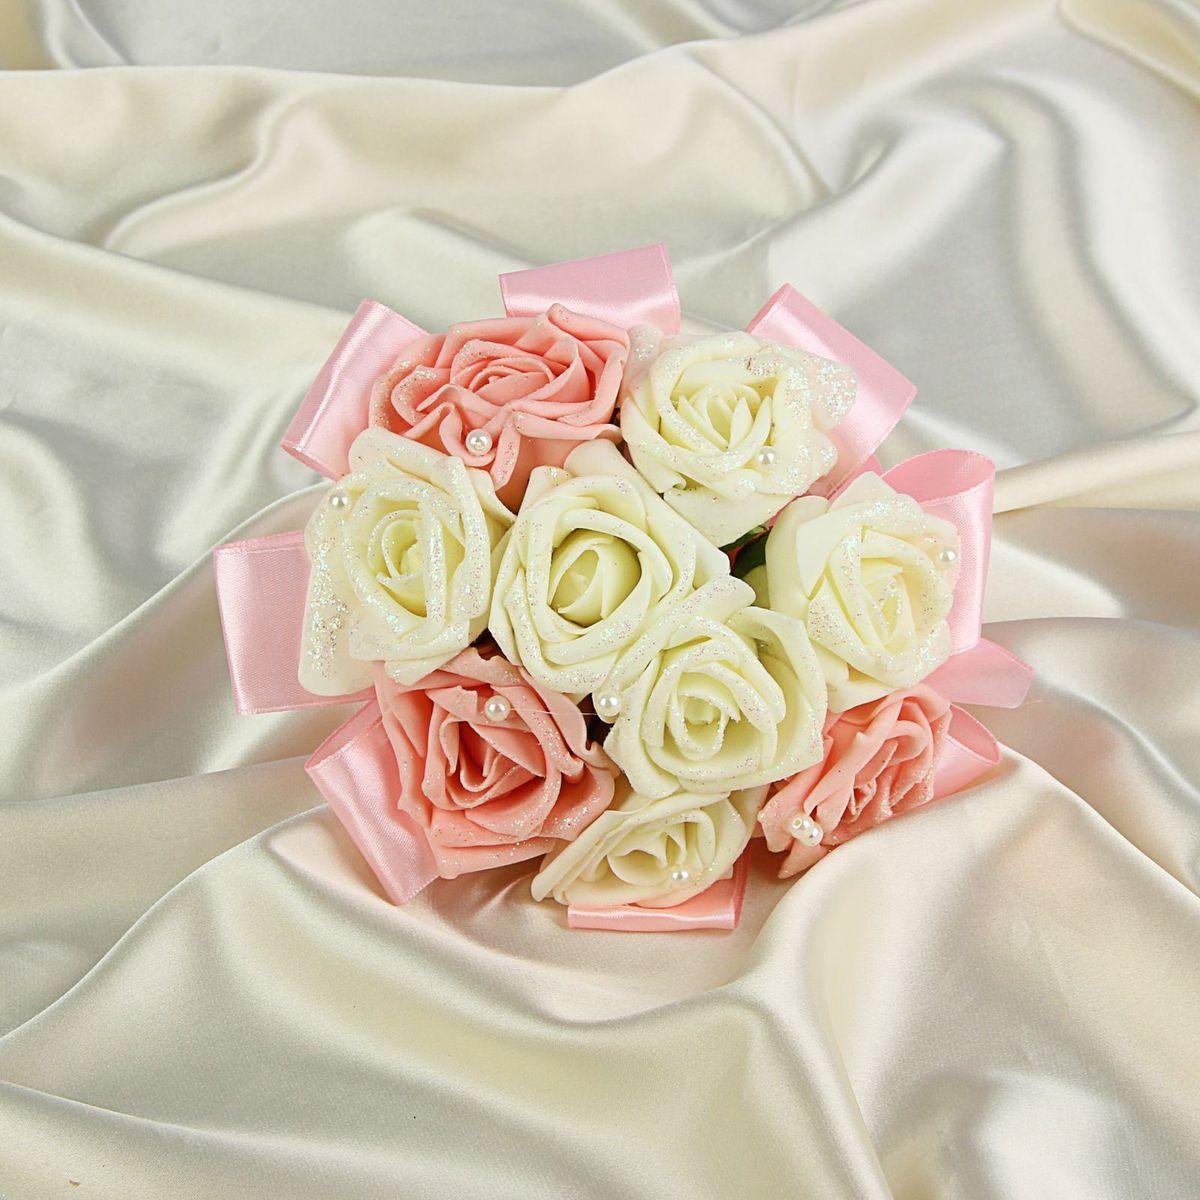 Букет-дублер Sima-land, цвет: белый, розовый. 12628211262821Добавьте в интерьер частичку весны! Дублер букета невесты с розами премиум бело-розовый 9 шт будет радовать неувядающей красотой не один год. Просто поставьте его в вазу или создайте пышную композицию. Искусственные растения не требуют поливки, особого освещения и другого специального ухода. Они украсят любое помещение (например, ванную с повышенной влажностью или затемнённый коридор). Дом становится уютным благодаря мелочам. Преобразите интерьер, а вместе с ним улучшится и настроение!